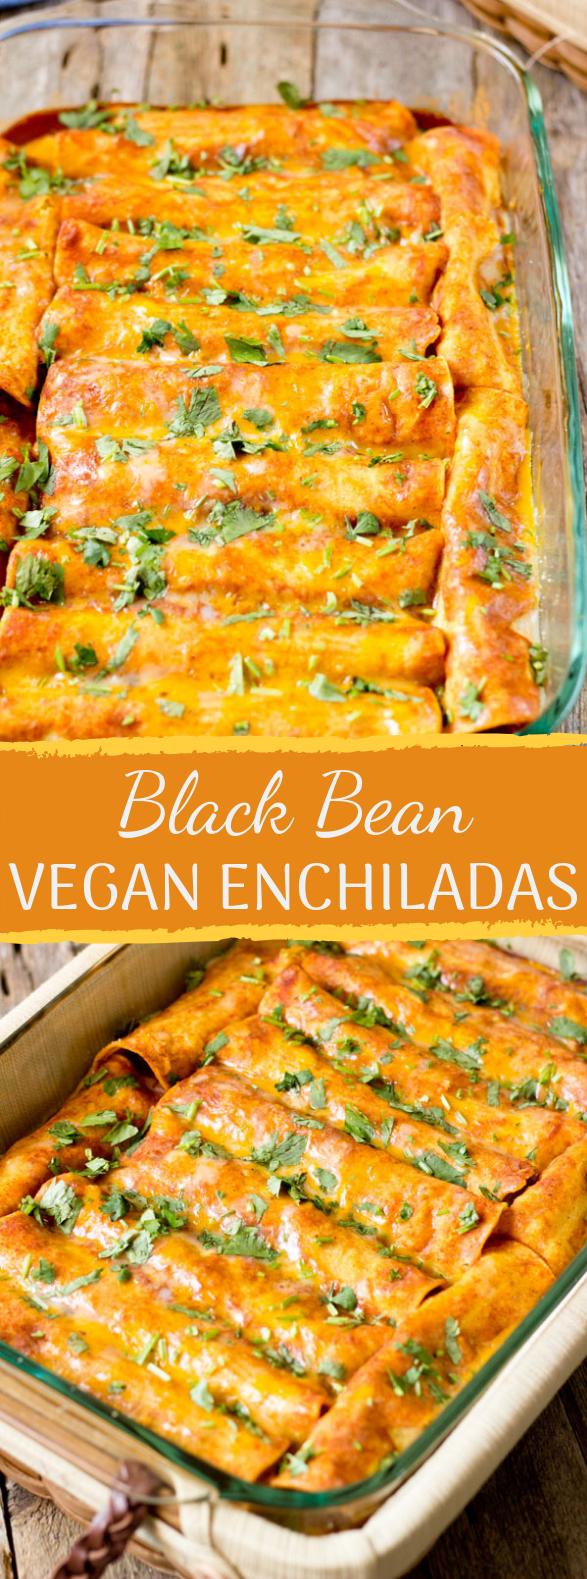 Black Bean Vegan Enchiladas Easyrecipe Meatless In 2020 Vegan Enchiladas Vegetarian Enchiladas Vegan Dinners